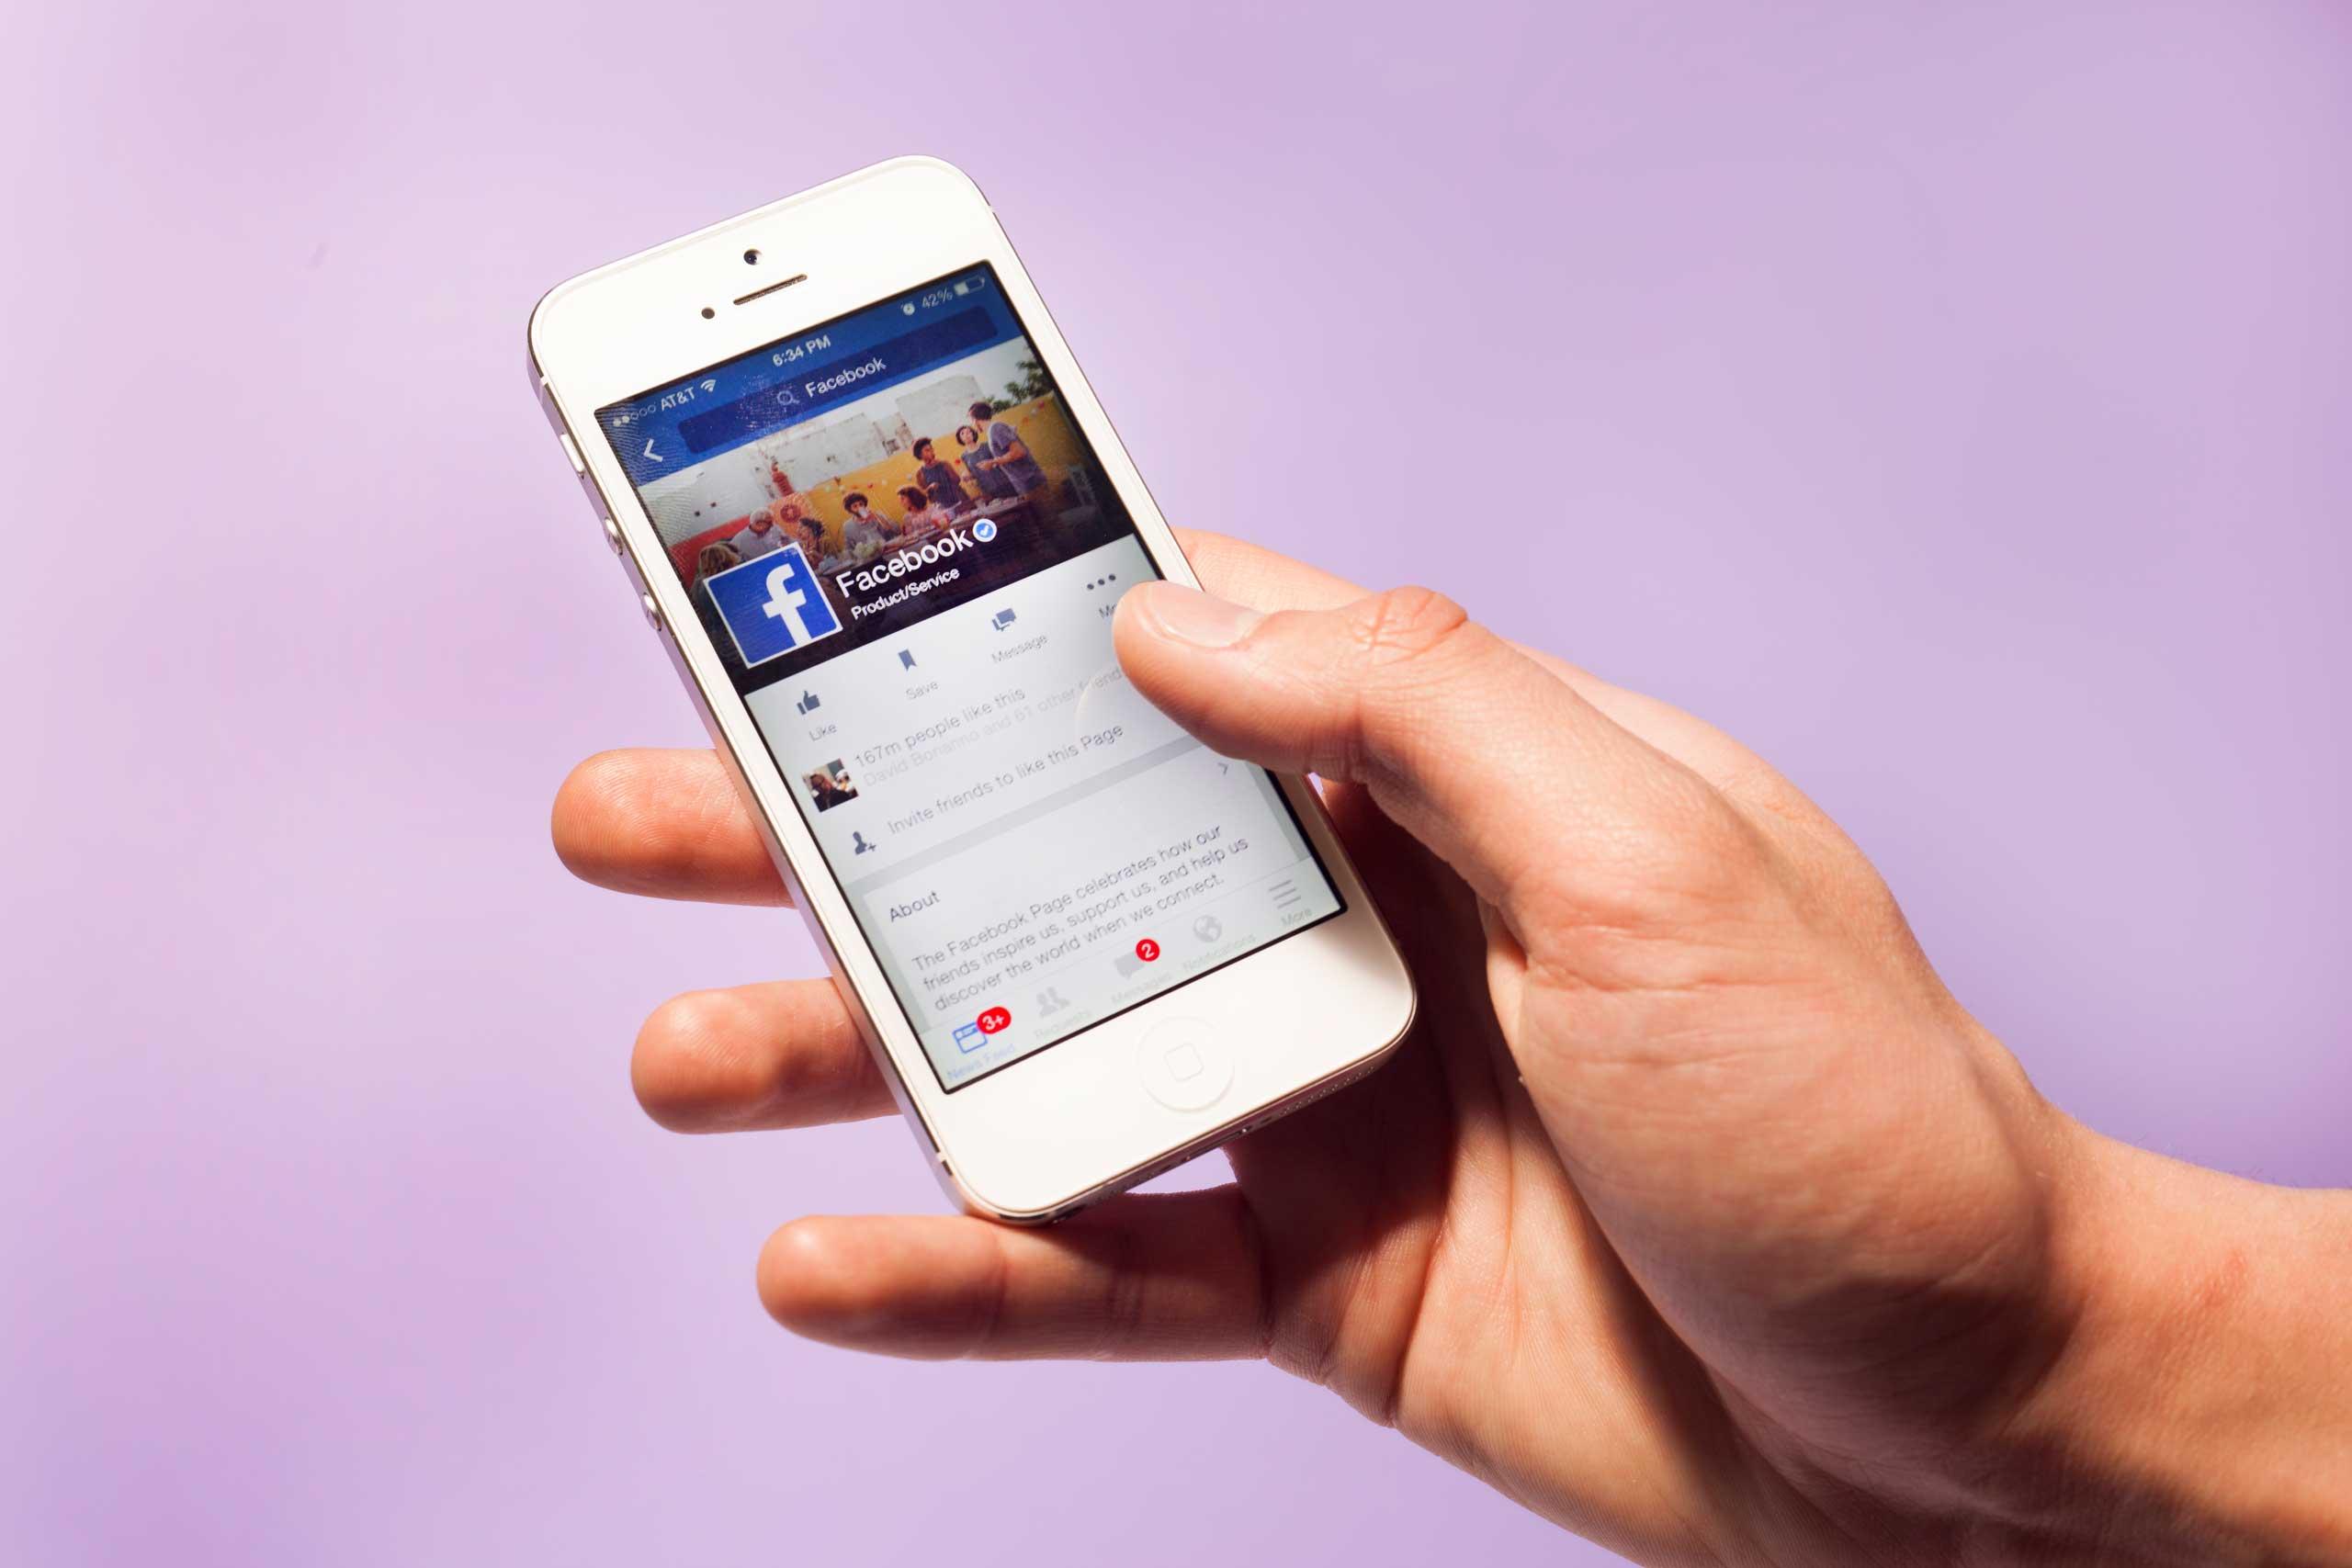 C:\Users\Zedex\Desktop\iphone-social-apps-facebook.jpg